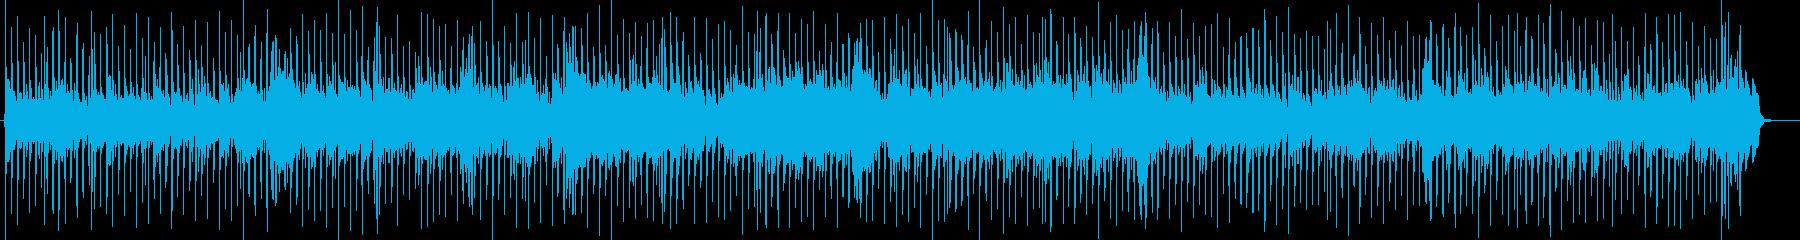 可愛いカントリーミュージックBGMの再生済みの波形